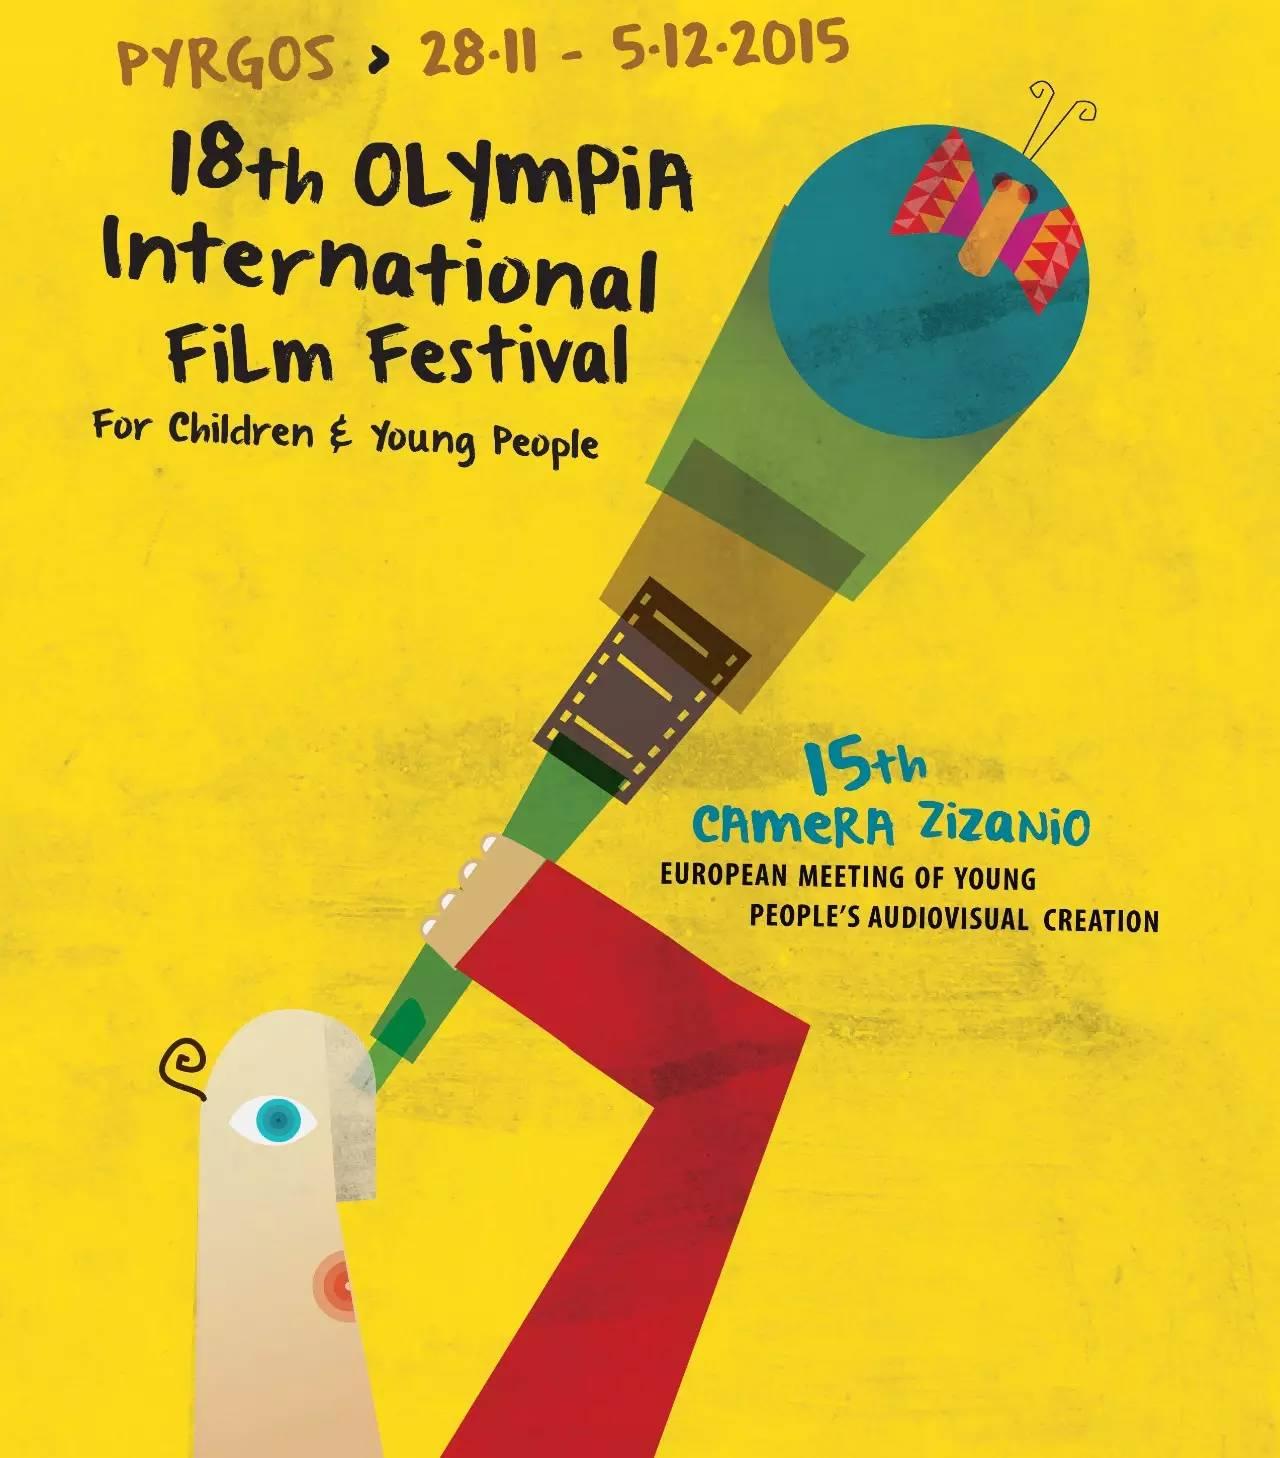 希腊冬天怎么玩系列 - 一场孩子看得懂的国际电影节